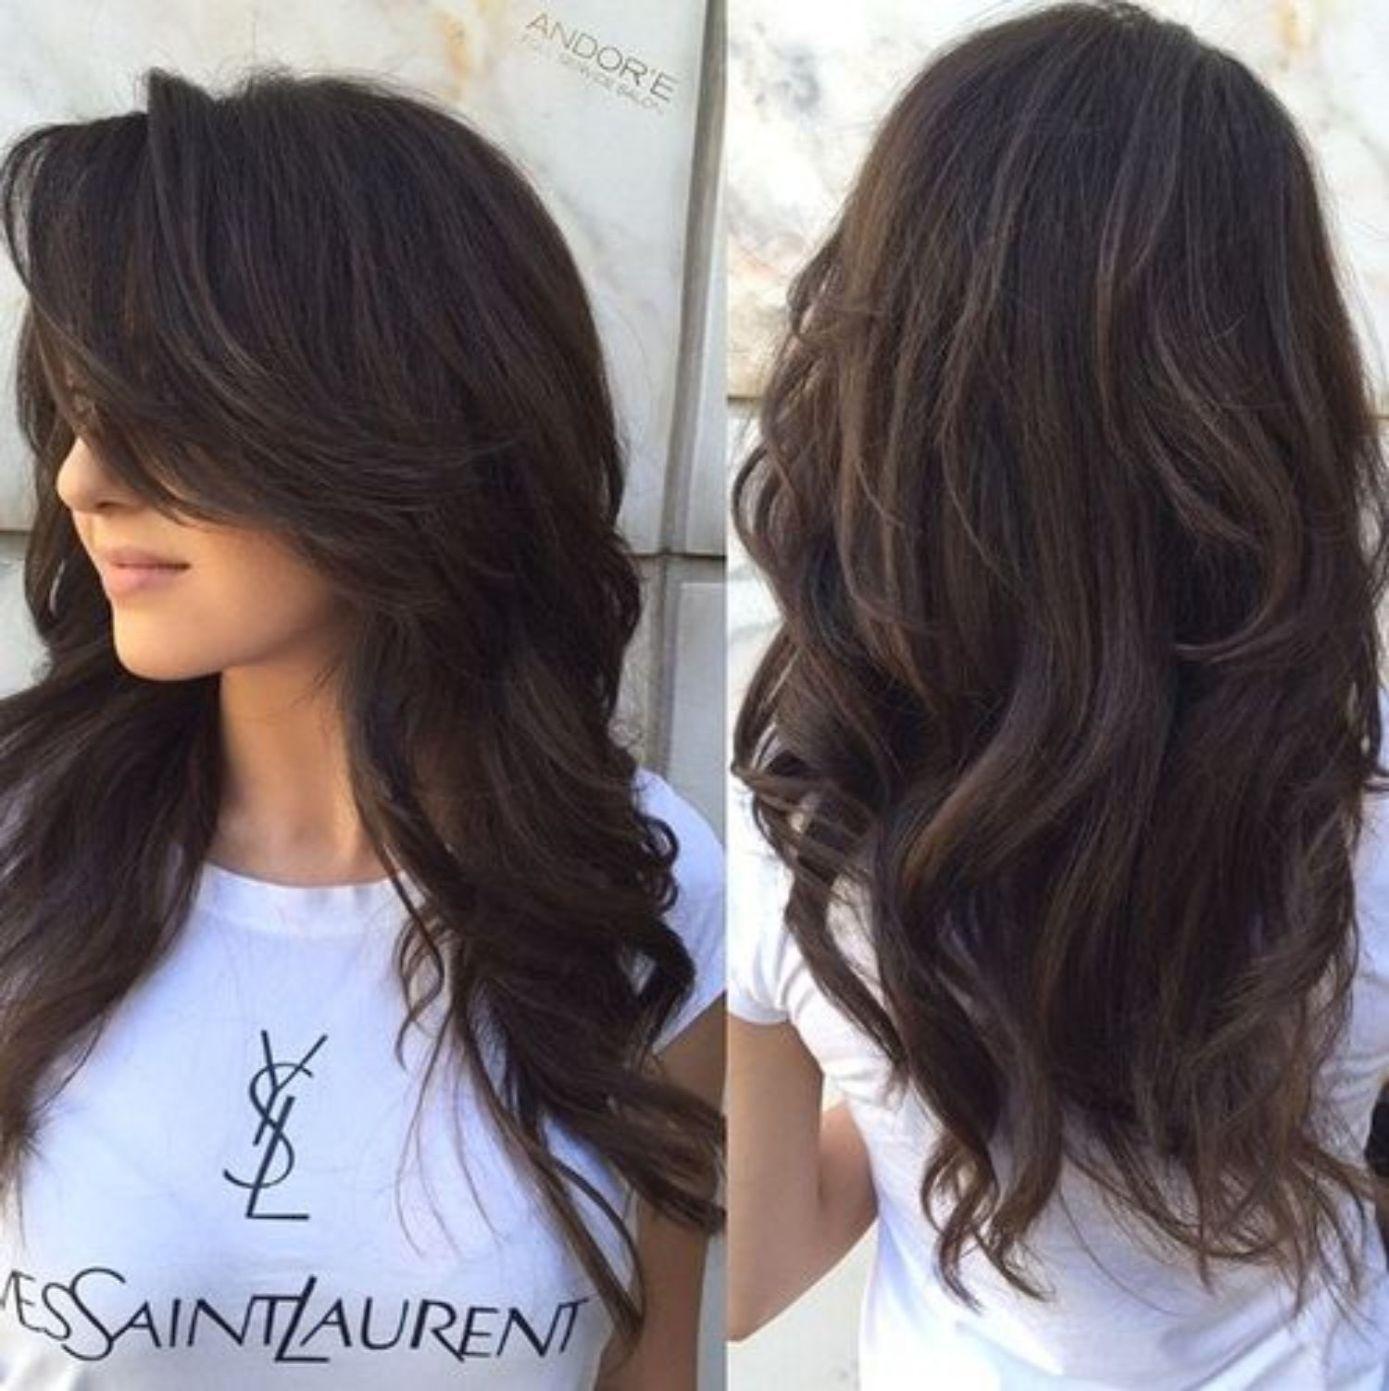 Dicke Haare Frisur 2021 Lange Haare Ideen Lange Haare Schnitt Lange Haare